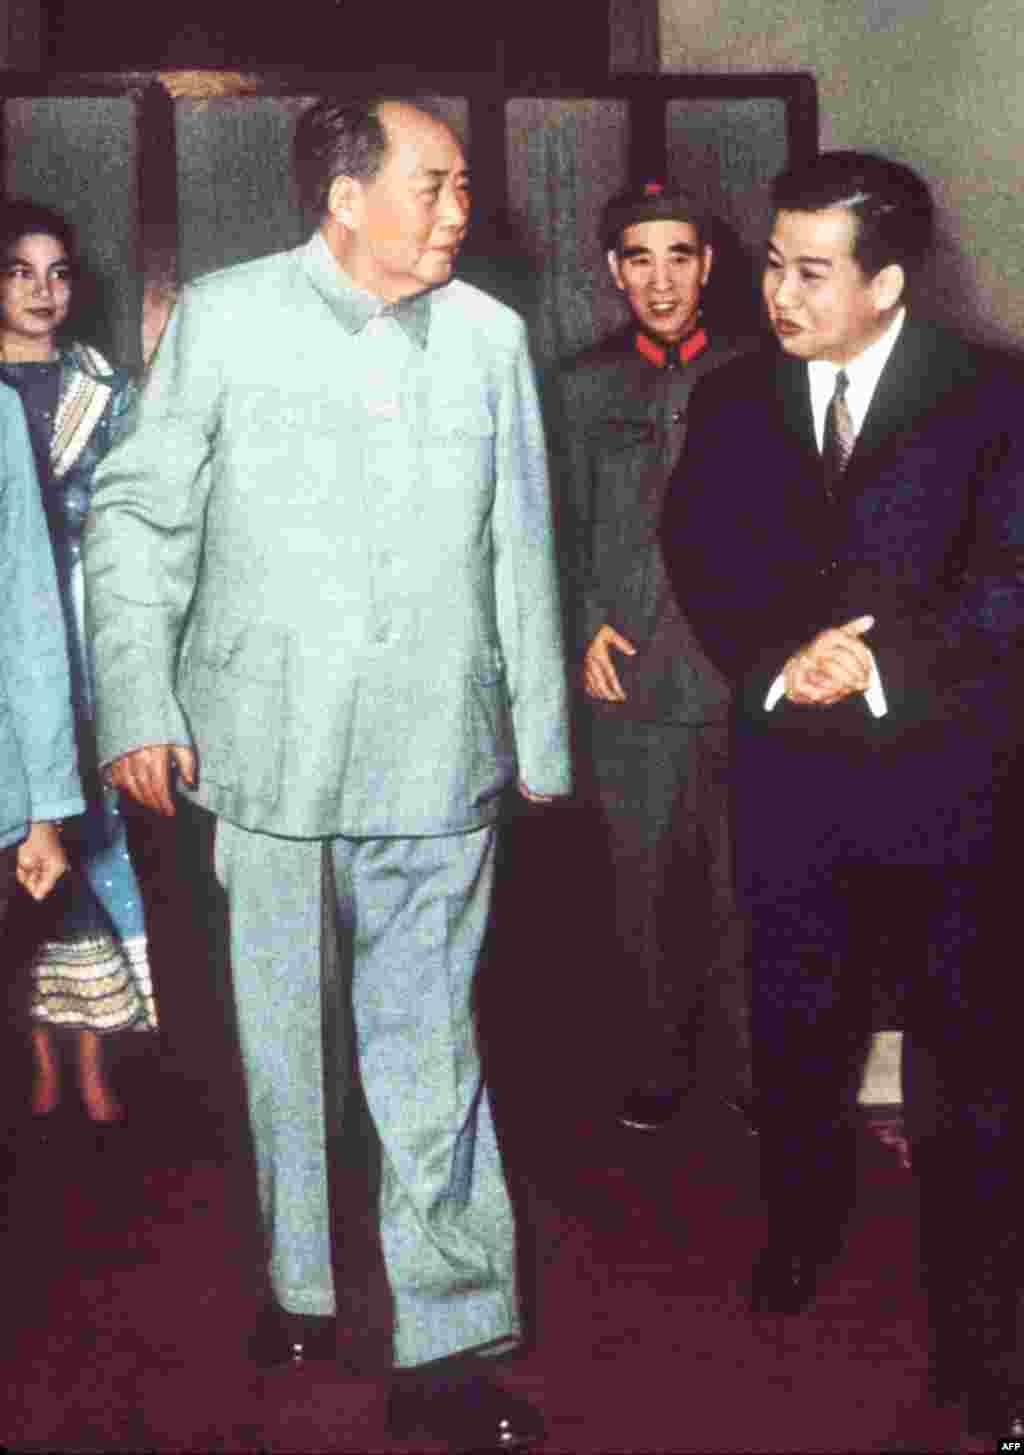 """1971年中国头号领导人毛泽东和二号领导人林彪在北京欢迎柬埔寨的西哈努克亲王和王后莫尼列。《炎黄春秋》杂志曾发表胡鹏池的文章说:林彪之所以从一个长期养病的""""老病号""""异军突起,最终登上了""""一人之下,万人之上""""的副统帅、接班人的宝座,并不主要是靠他解放战争的军功,更重要的是靠他狂热地推行""""个人崇拜""""。当年这些""""四个伟大""""、""""三个副词""""、""""一句顶一万句""""与""""顶峰论""""、""""天才论""""、""""四个第一""""……全都是林彪""""造神运动""""中的""""主打歌""""与""""组合拳"""",它们在""""造神""""的同时也为林彪捞取了政治资本。"""